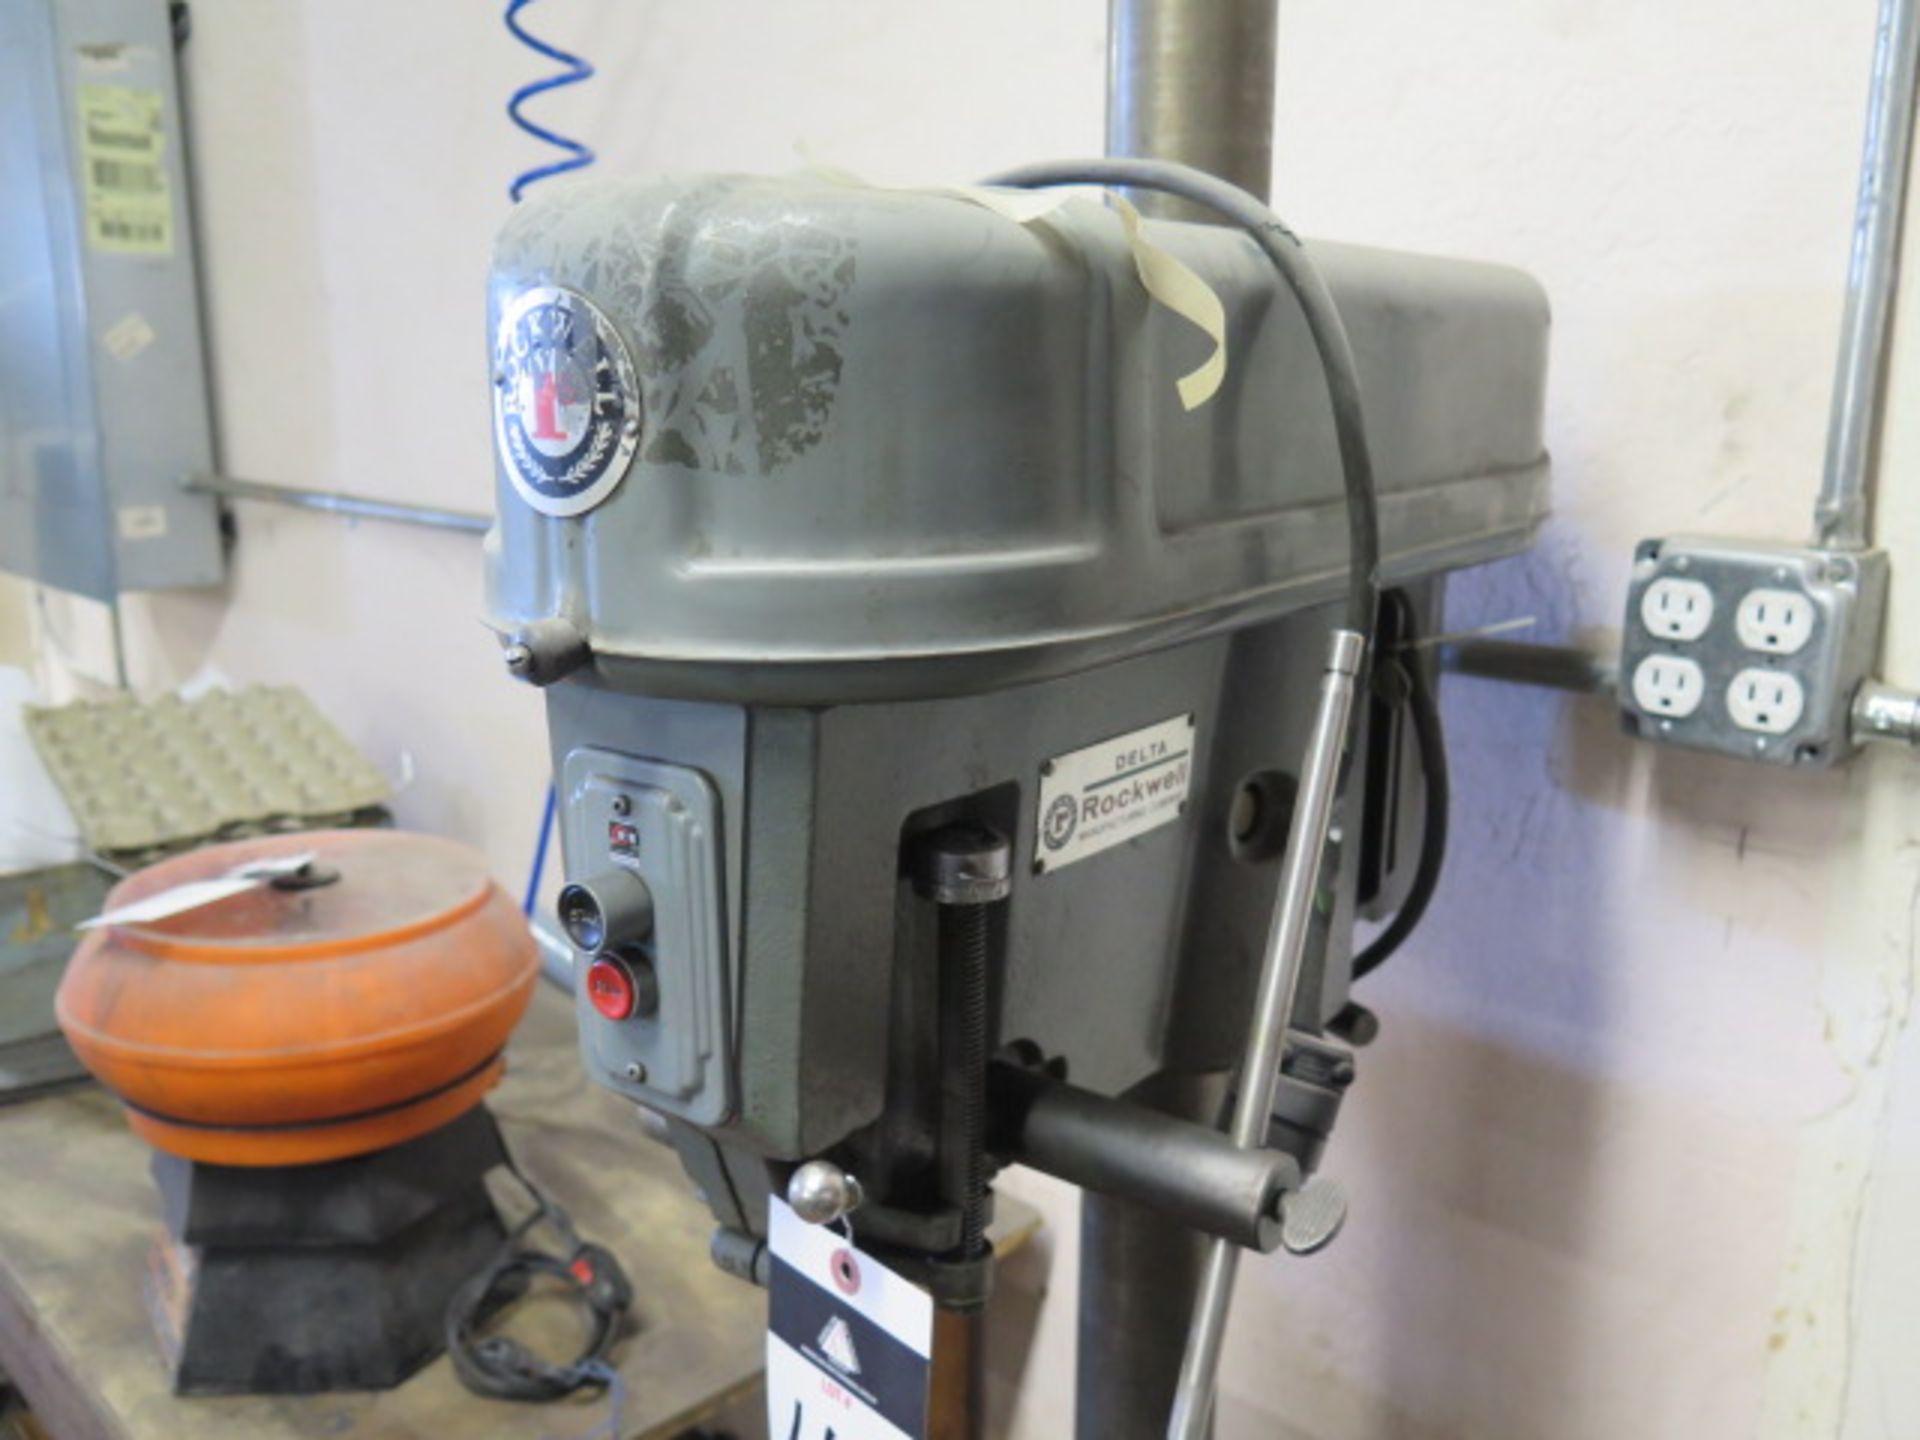 Lot 110 - Rockwell Pedestal Drill Press